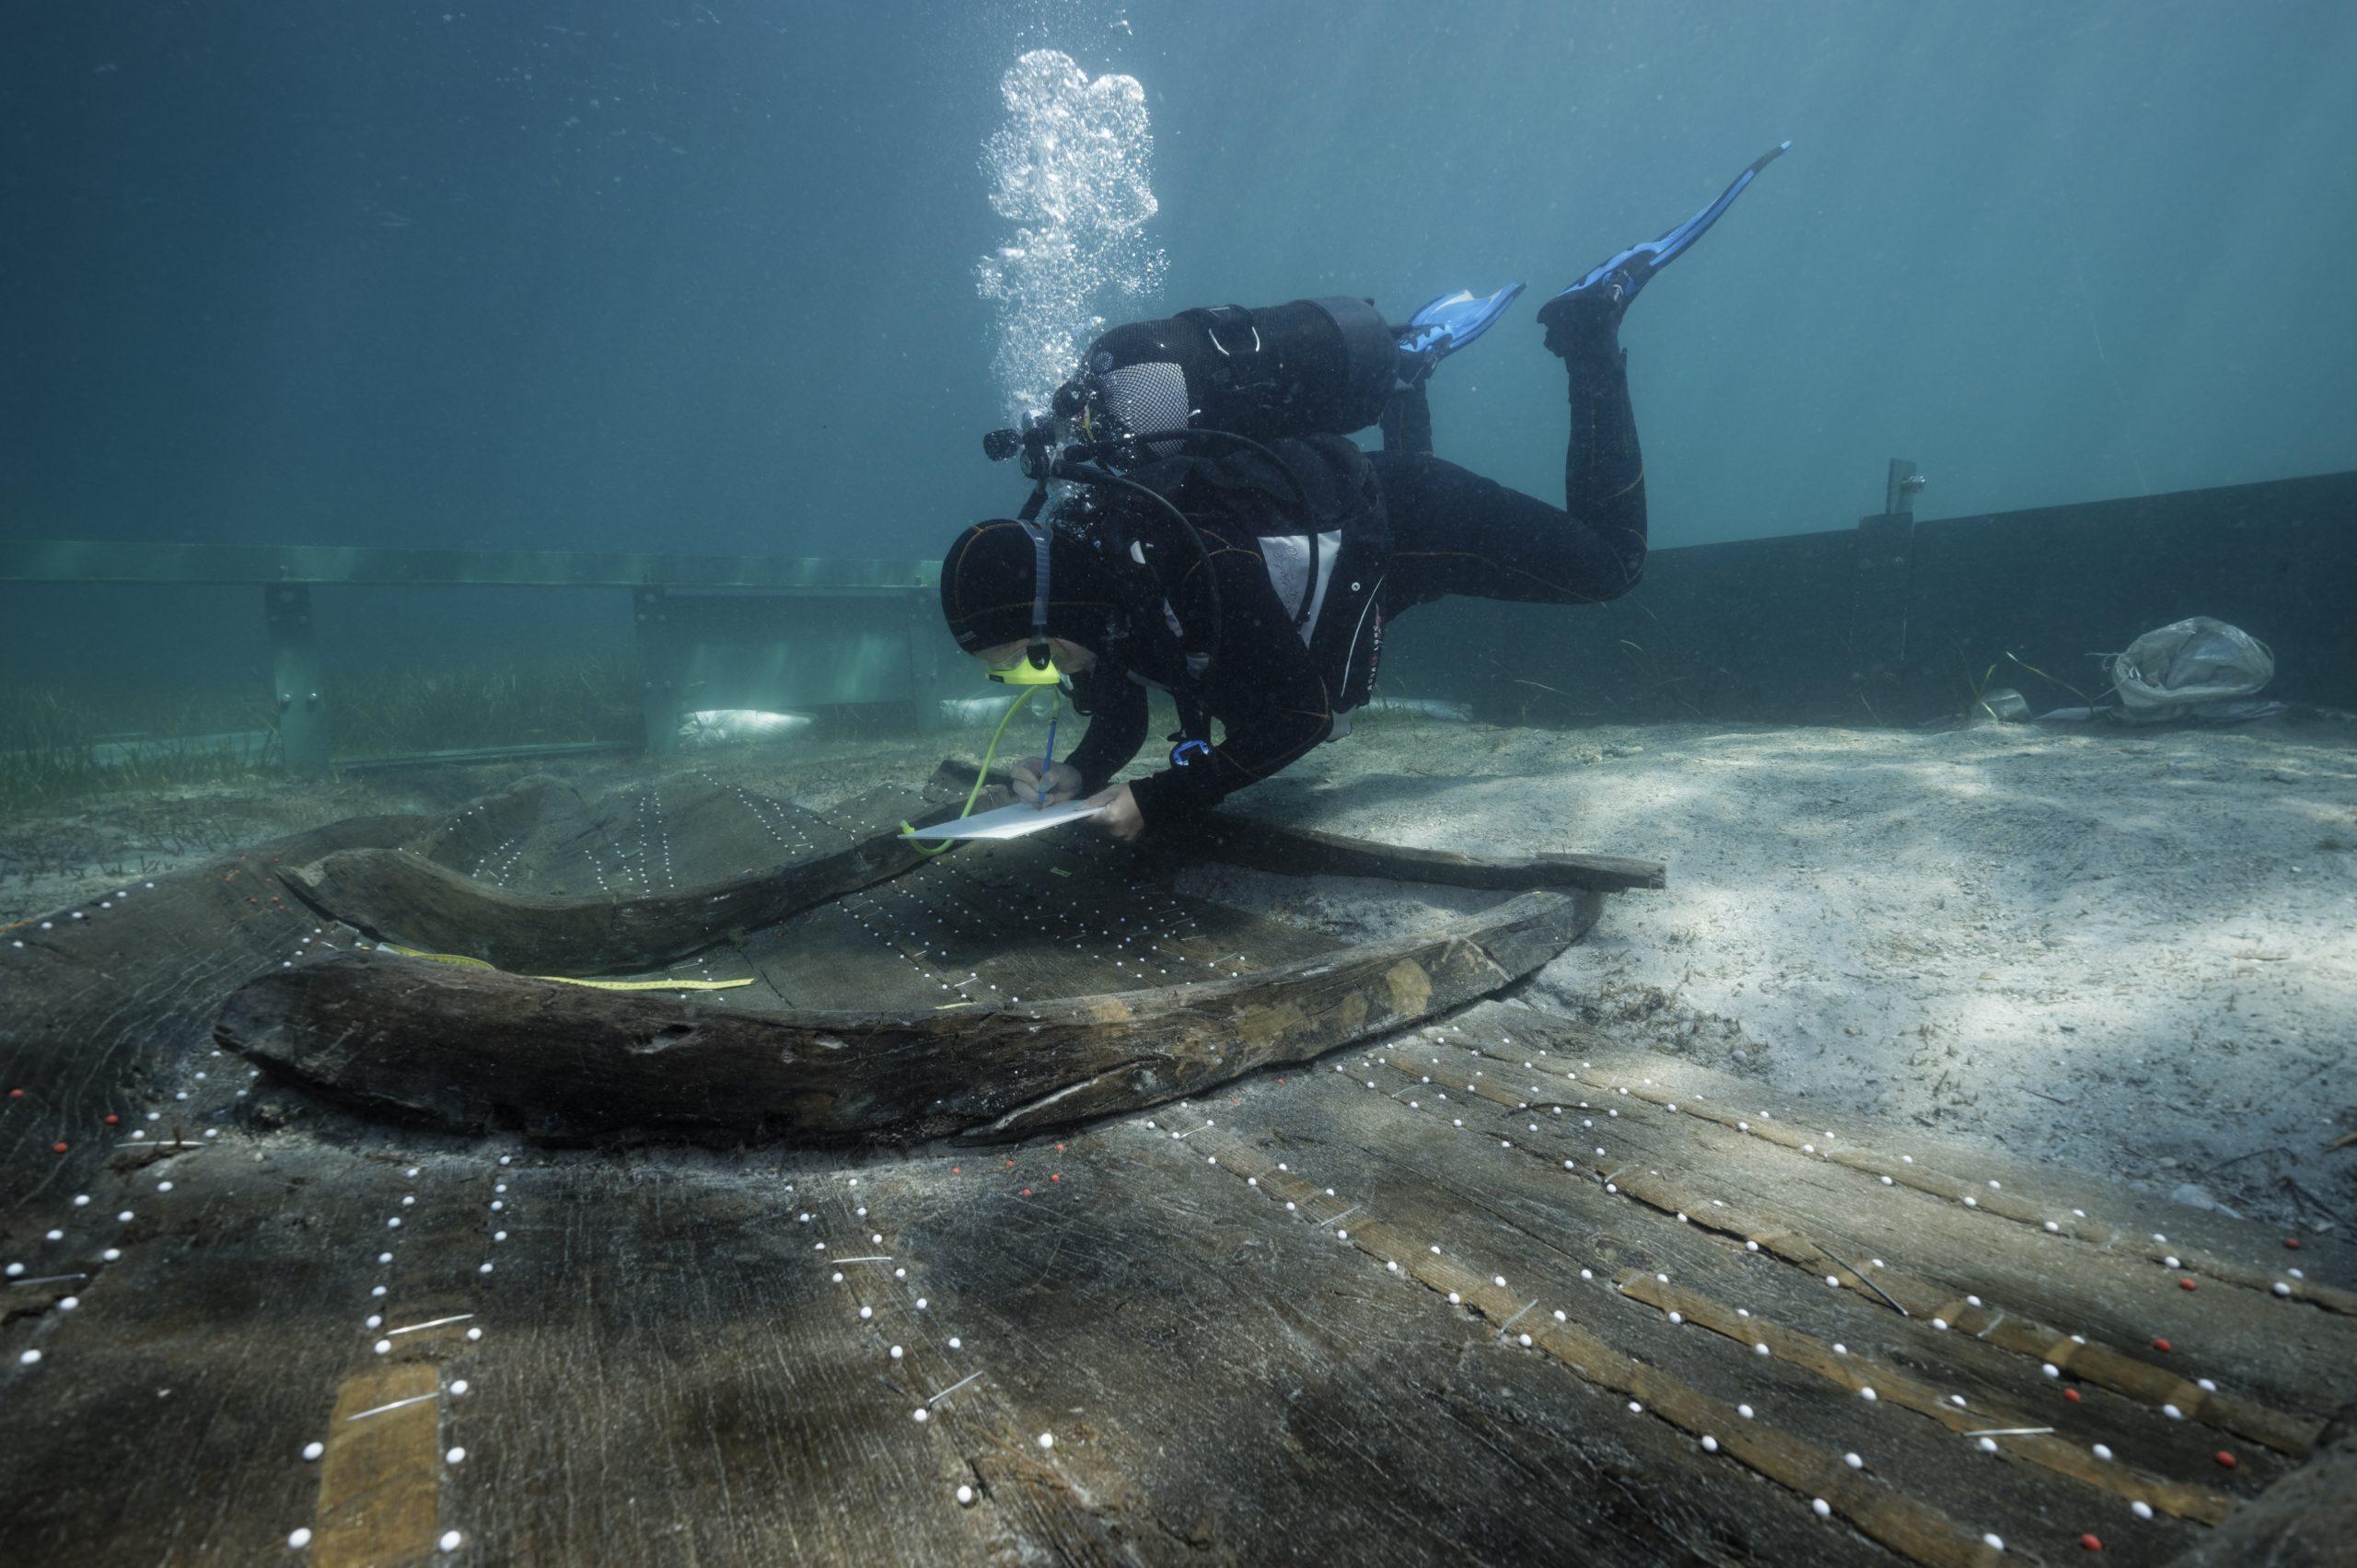 Brodska konstrukcija iz Zambratije i dalje leži na morskome dnu, adekvatno zaštićena od prirodnih i ljudskih utjecaja